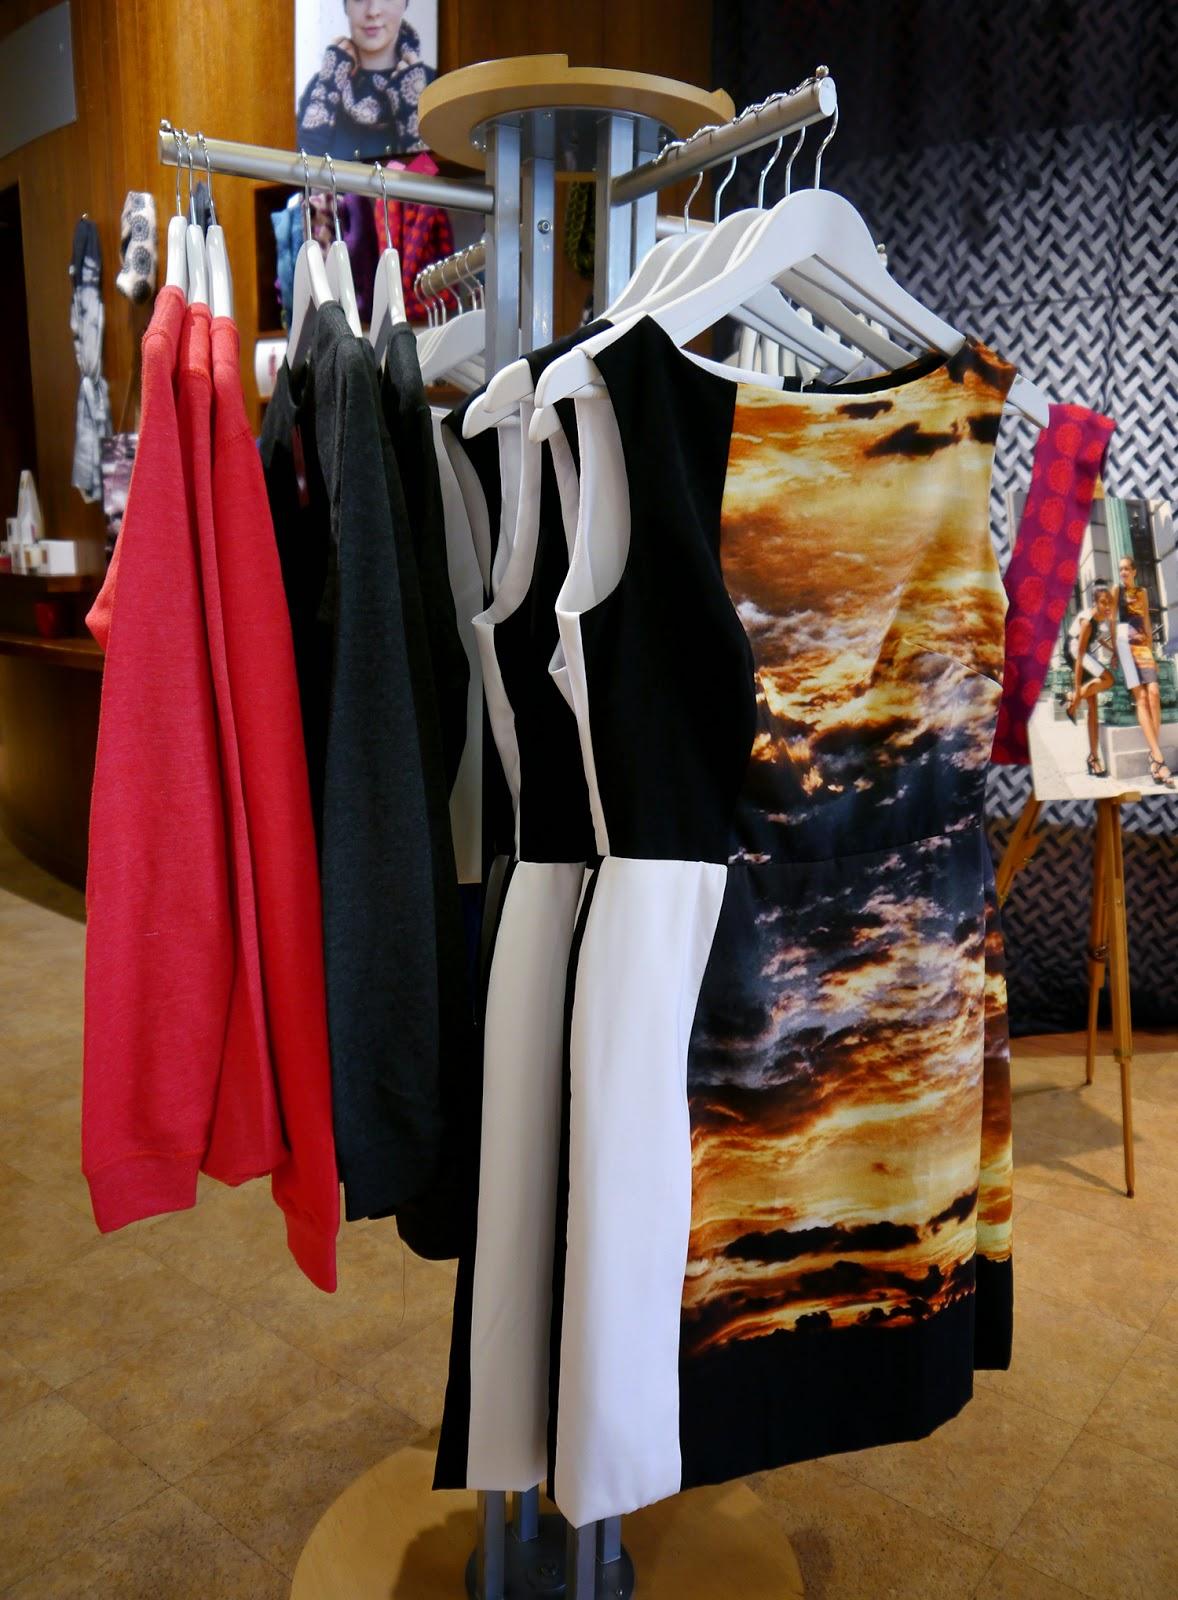 Scotland Re:designed, Limited Edition pop up shop, Limited Edition pop up department store, pop up shop, Edinburgh pop up shop, Ocean Terminal, Edinburgh, Edinburgh Bloggers, Scottish Bloggers, Scottish Design, Kirsteen Stewart, Scottish fashion design